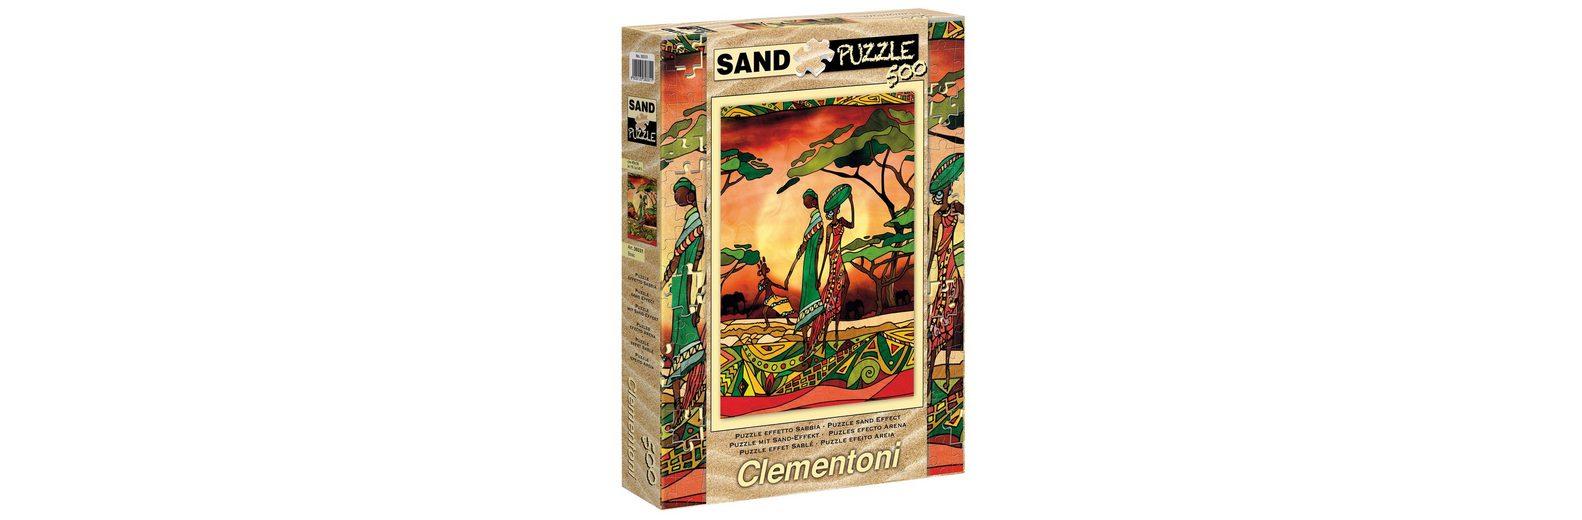 Clementoni Puzzle, 500 Teile, »Family«